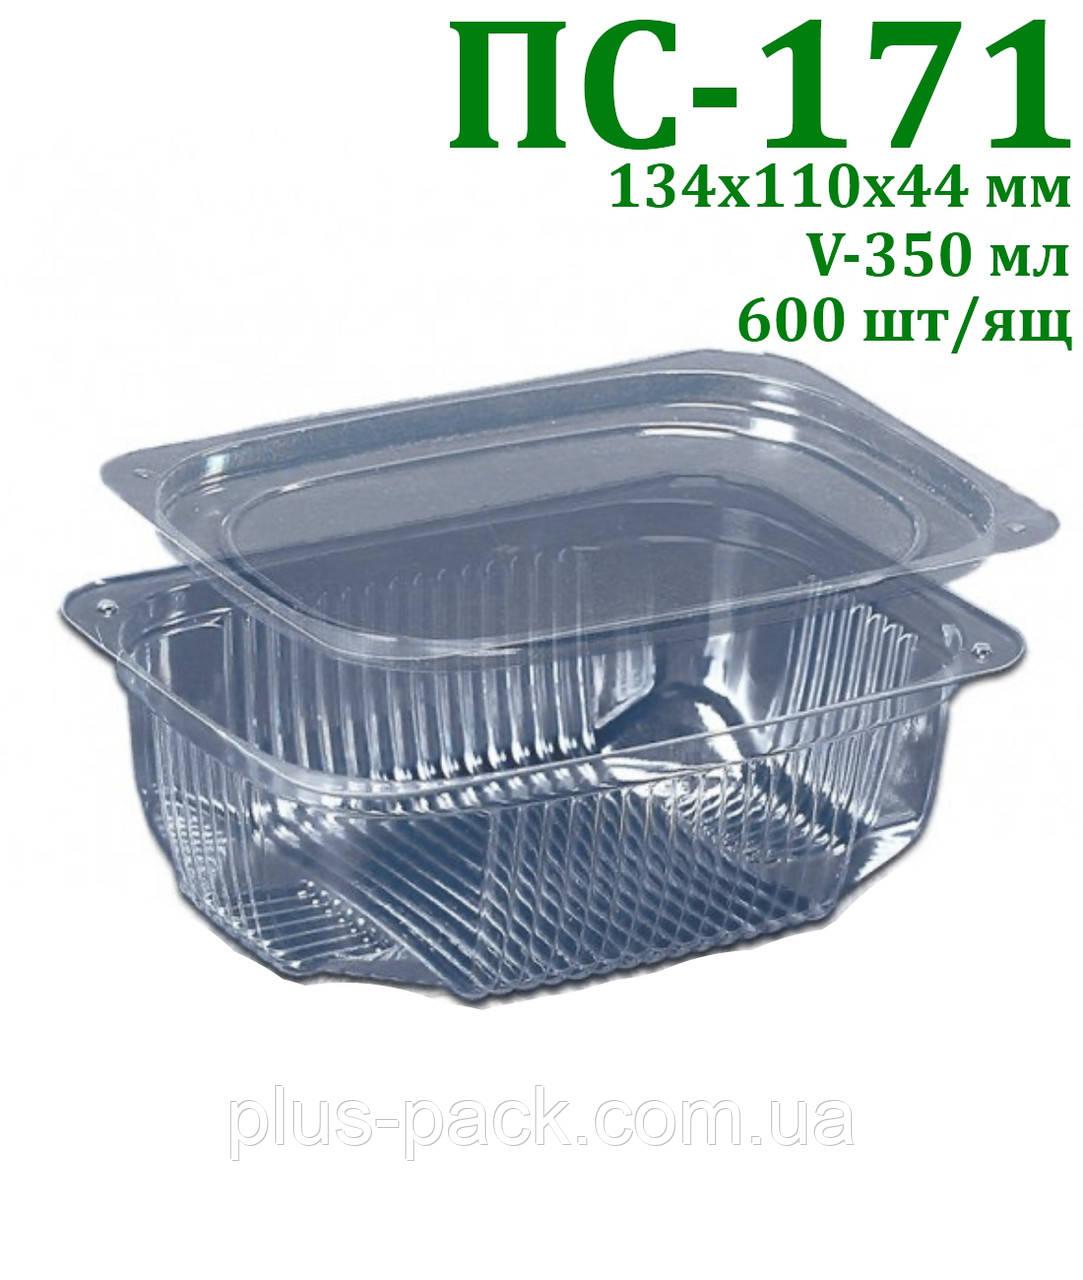 Одноразовый контейнер для салатов и полуфабрикатов (350 мл), 600шт/ящ